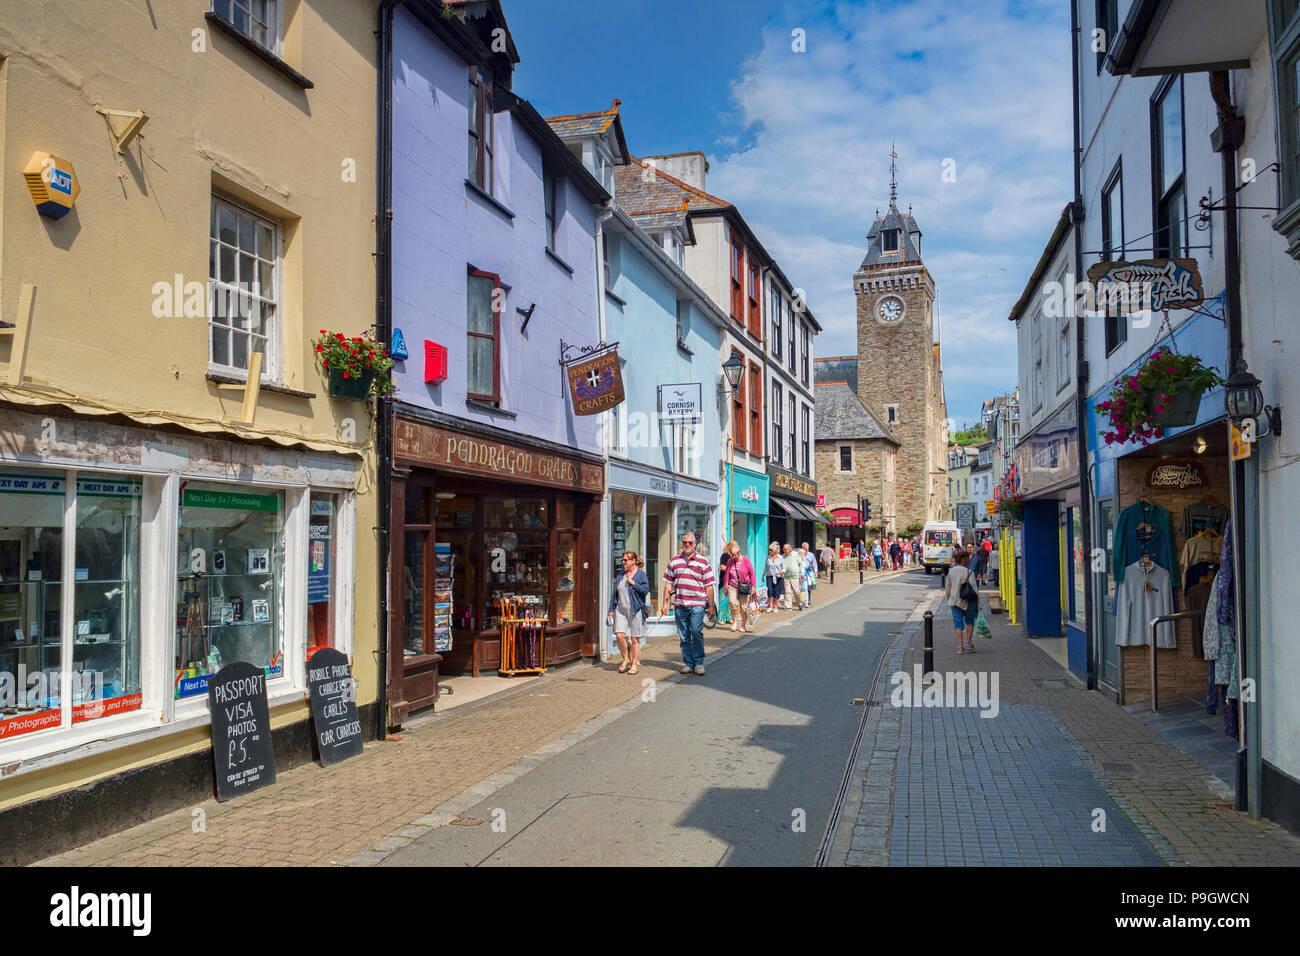 6 Giugno 2018: Looe, Cornwall, Regno Unito - Shopping in Fore Street in una calda giornata di primavera. Immagini Stock